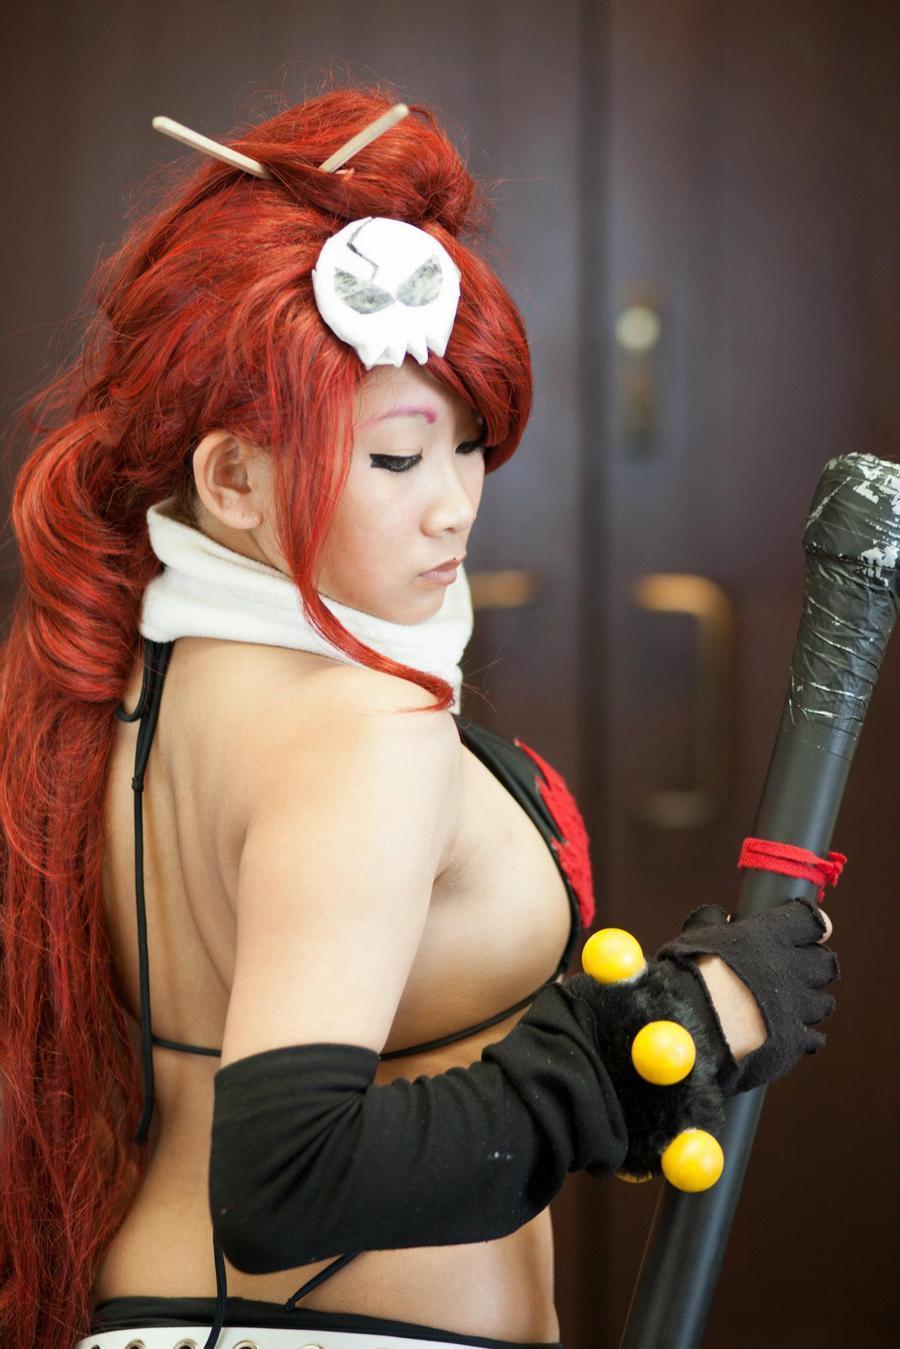 yoko littner hot cosplay